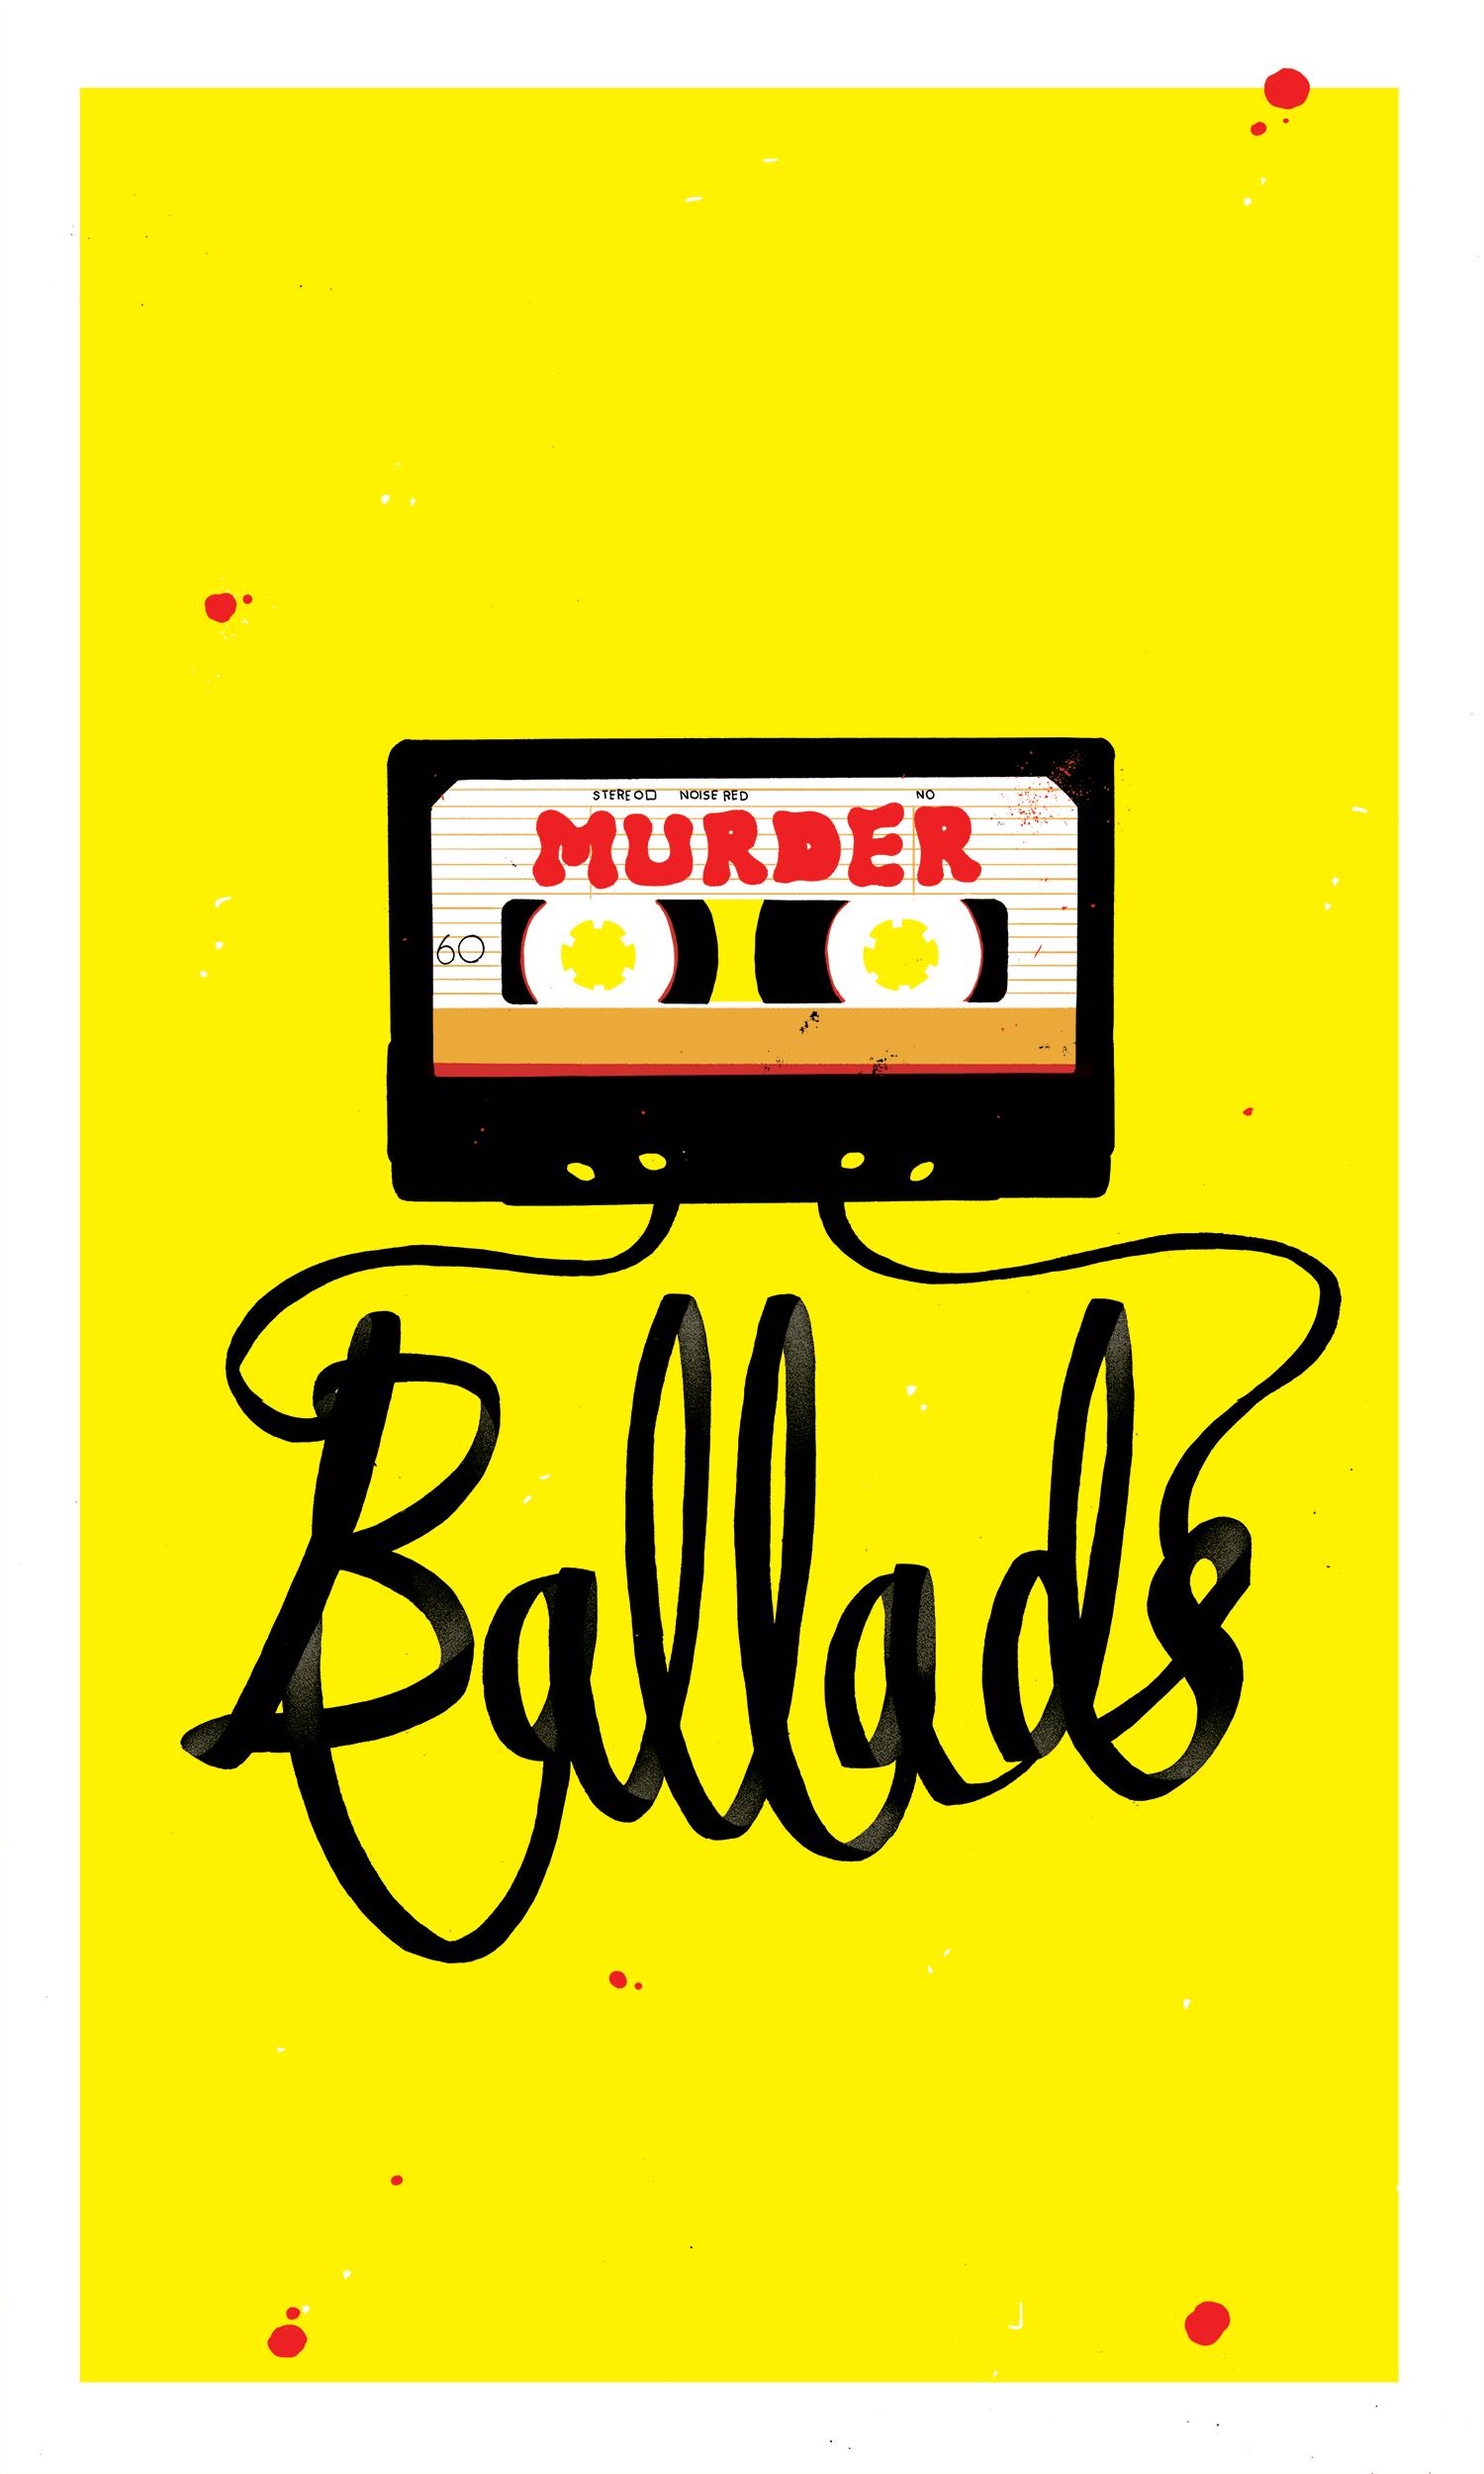 Murder_Ballads_01_Proof